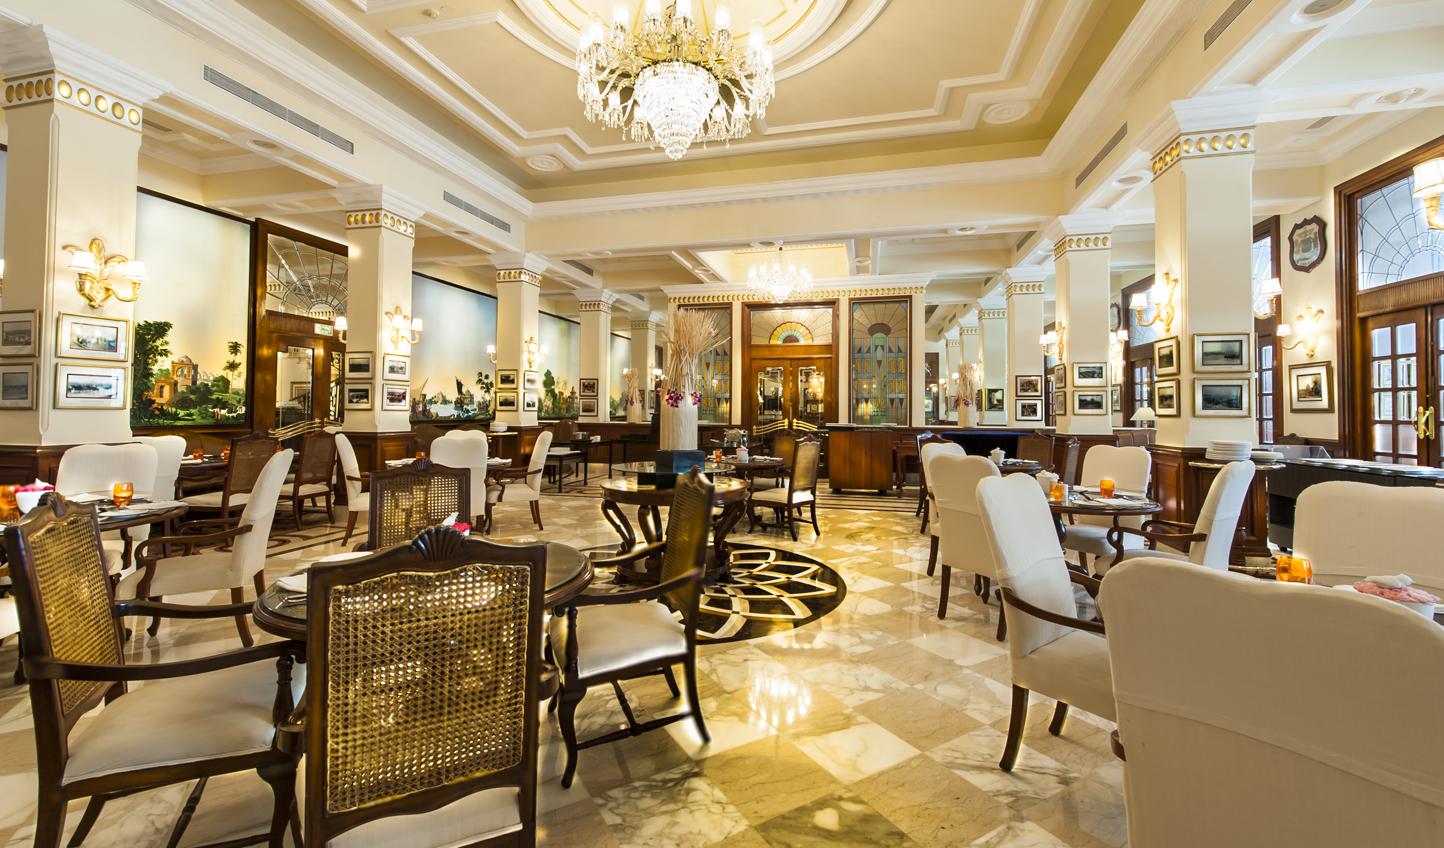 The elegant 1911 Brasserie